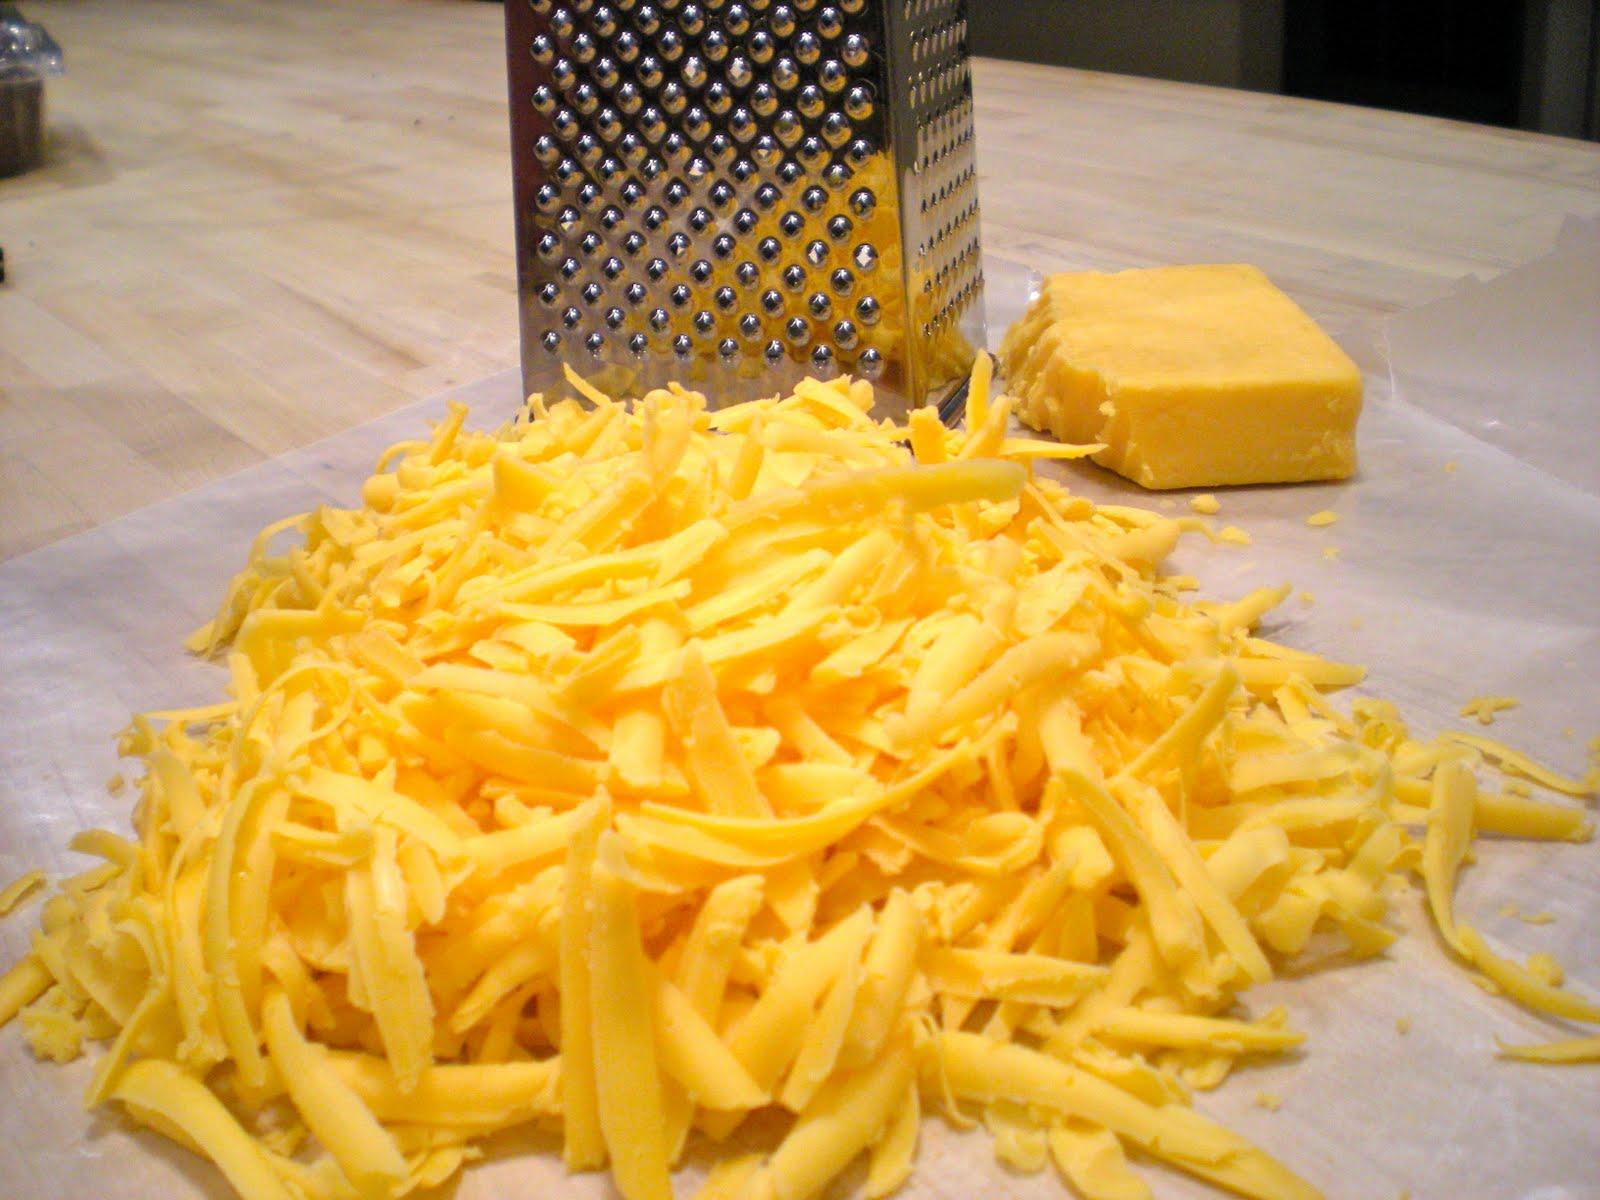 shredded cheddar.jpg